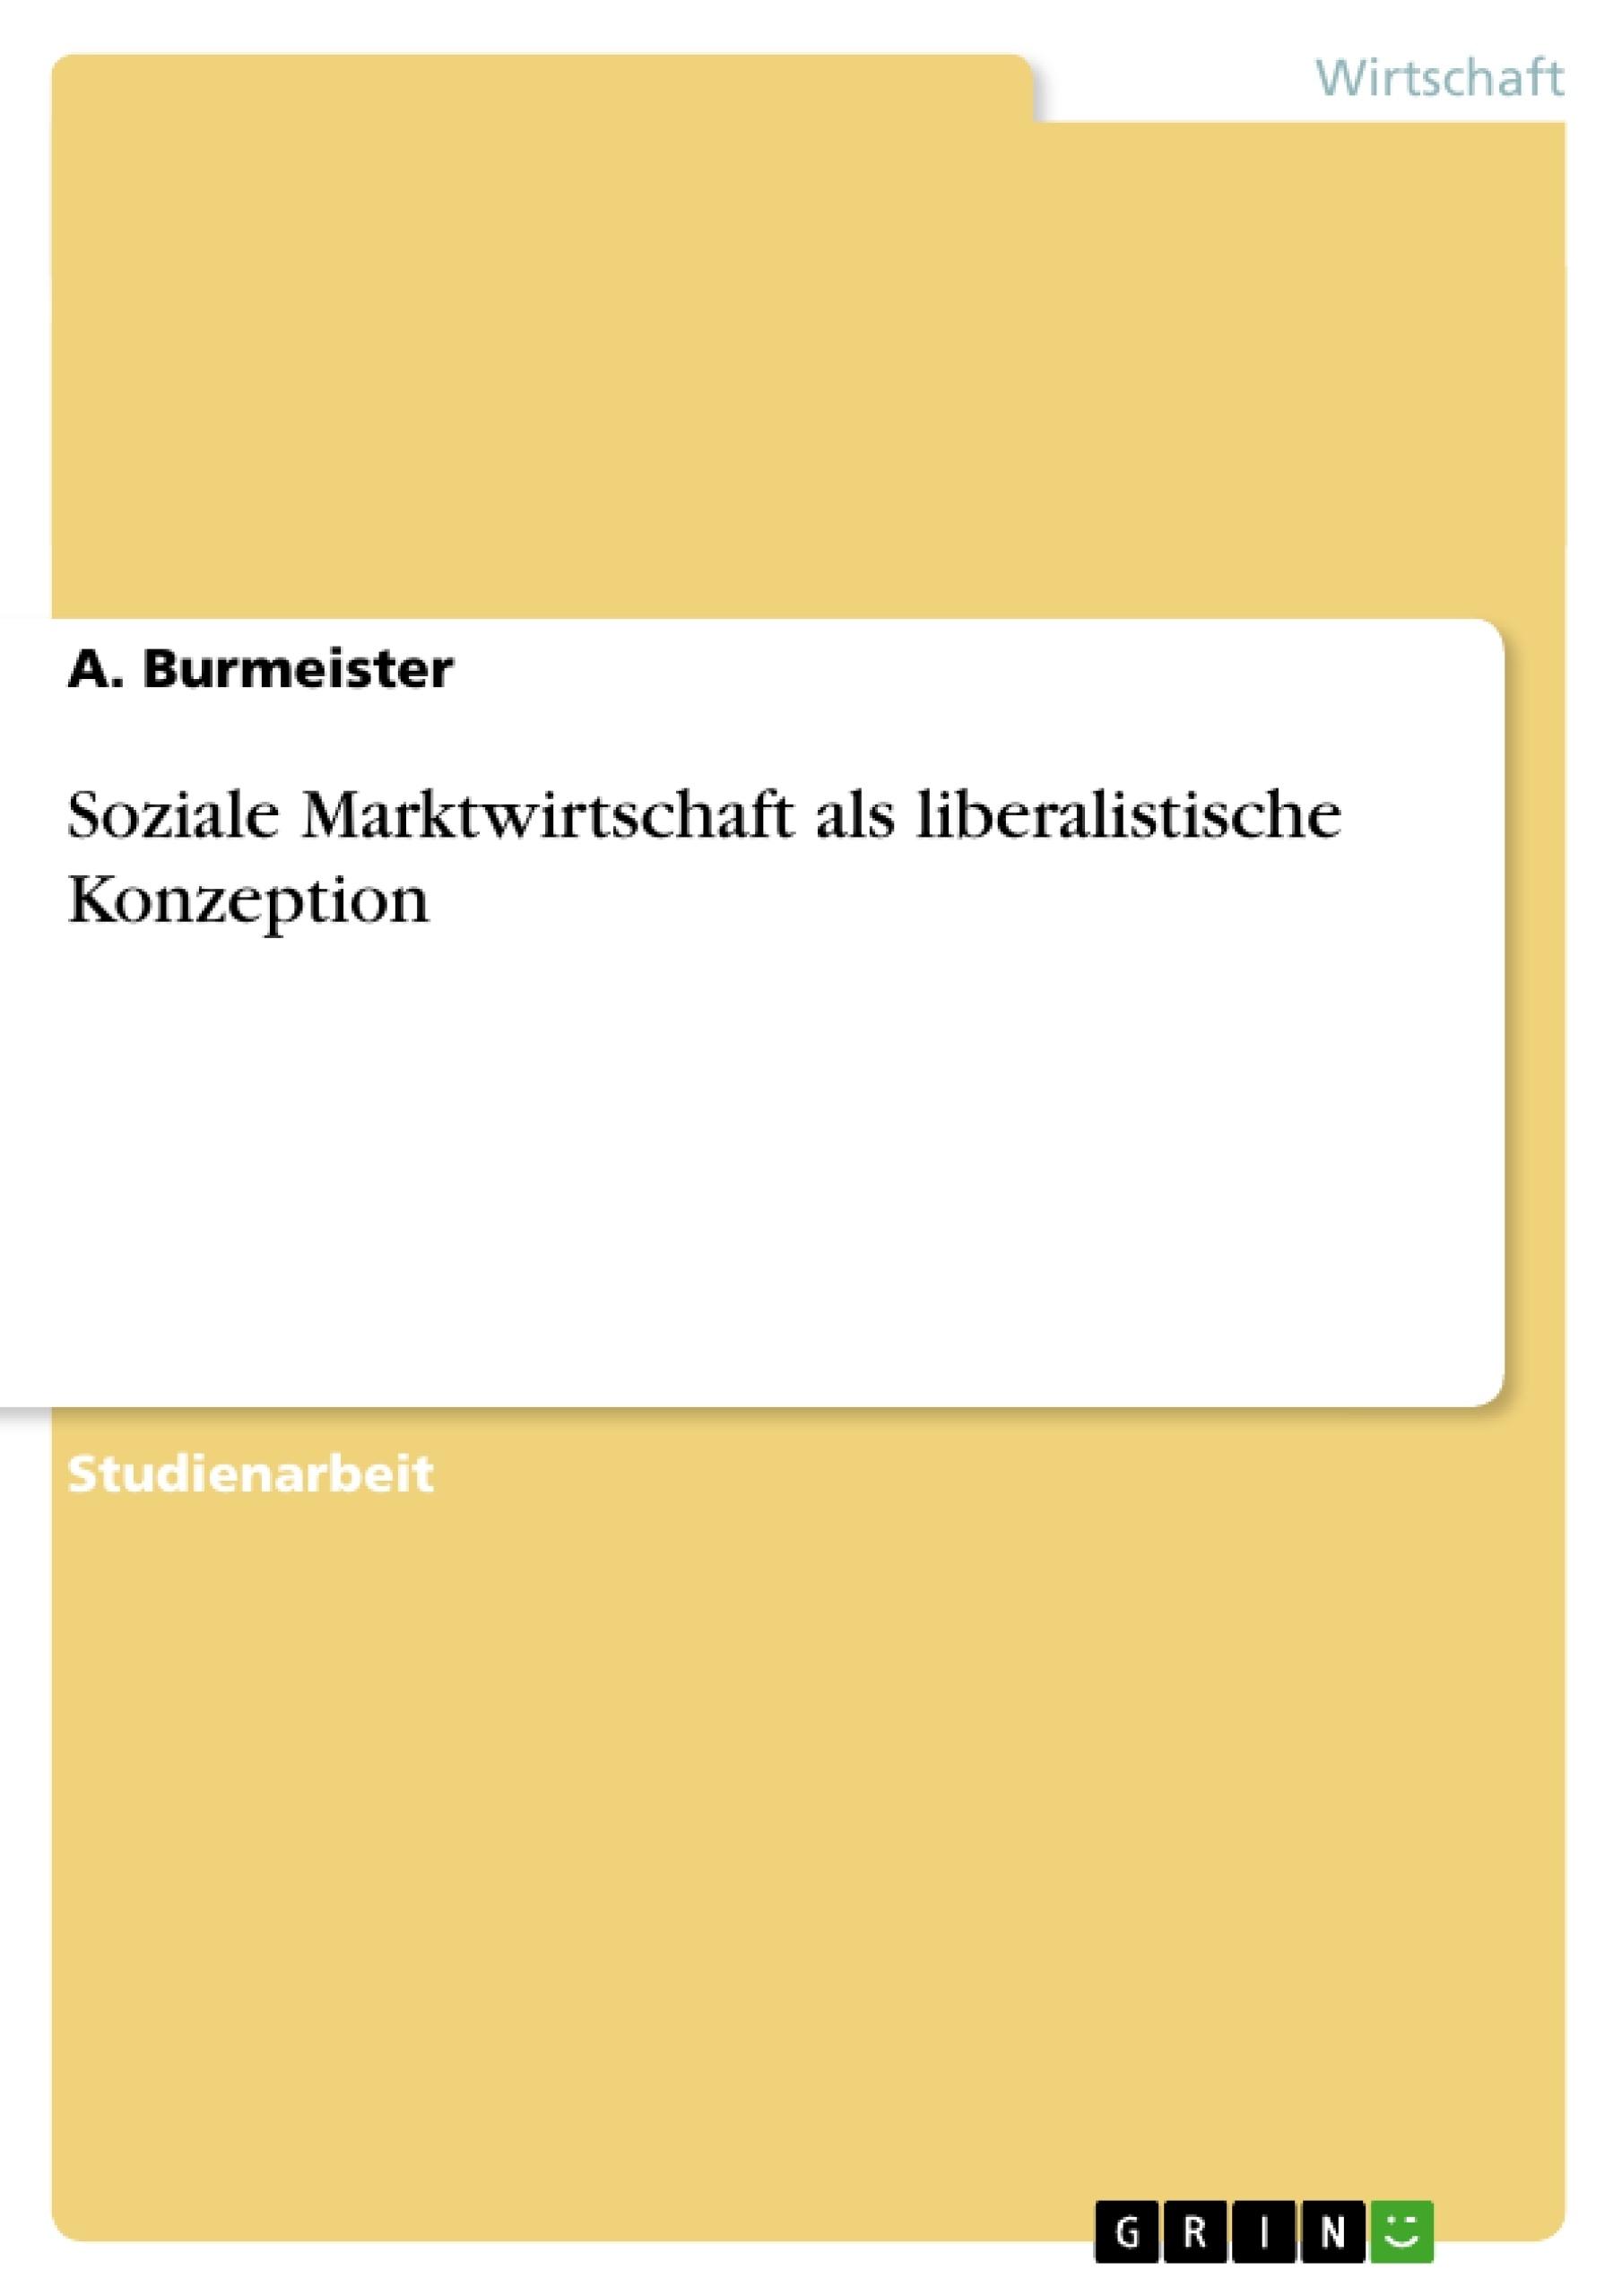 Titel: Soziale Marktwirtschaft als liberalistische Konzeption